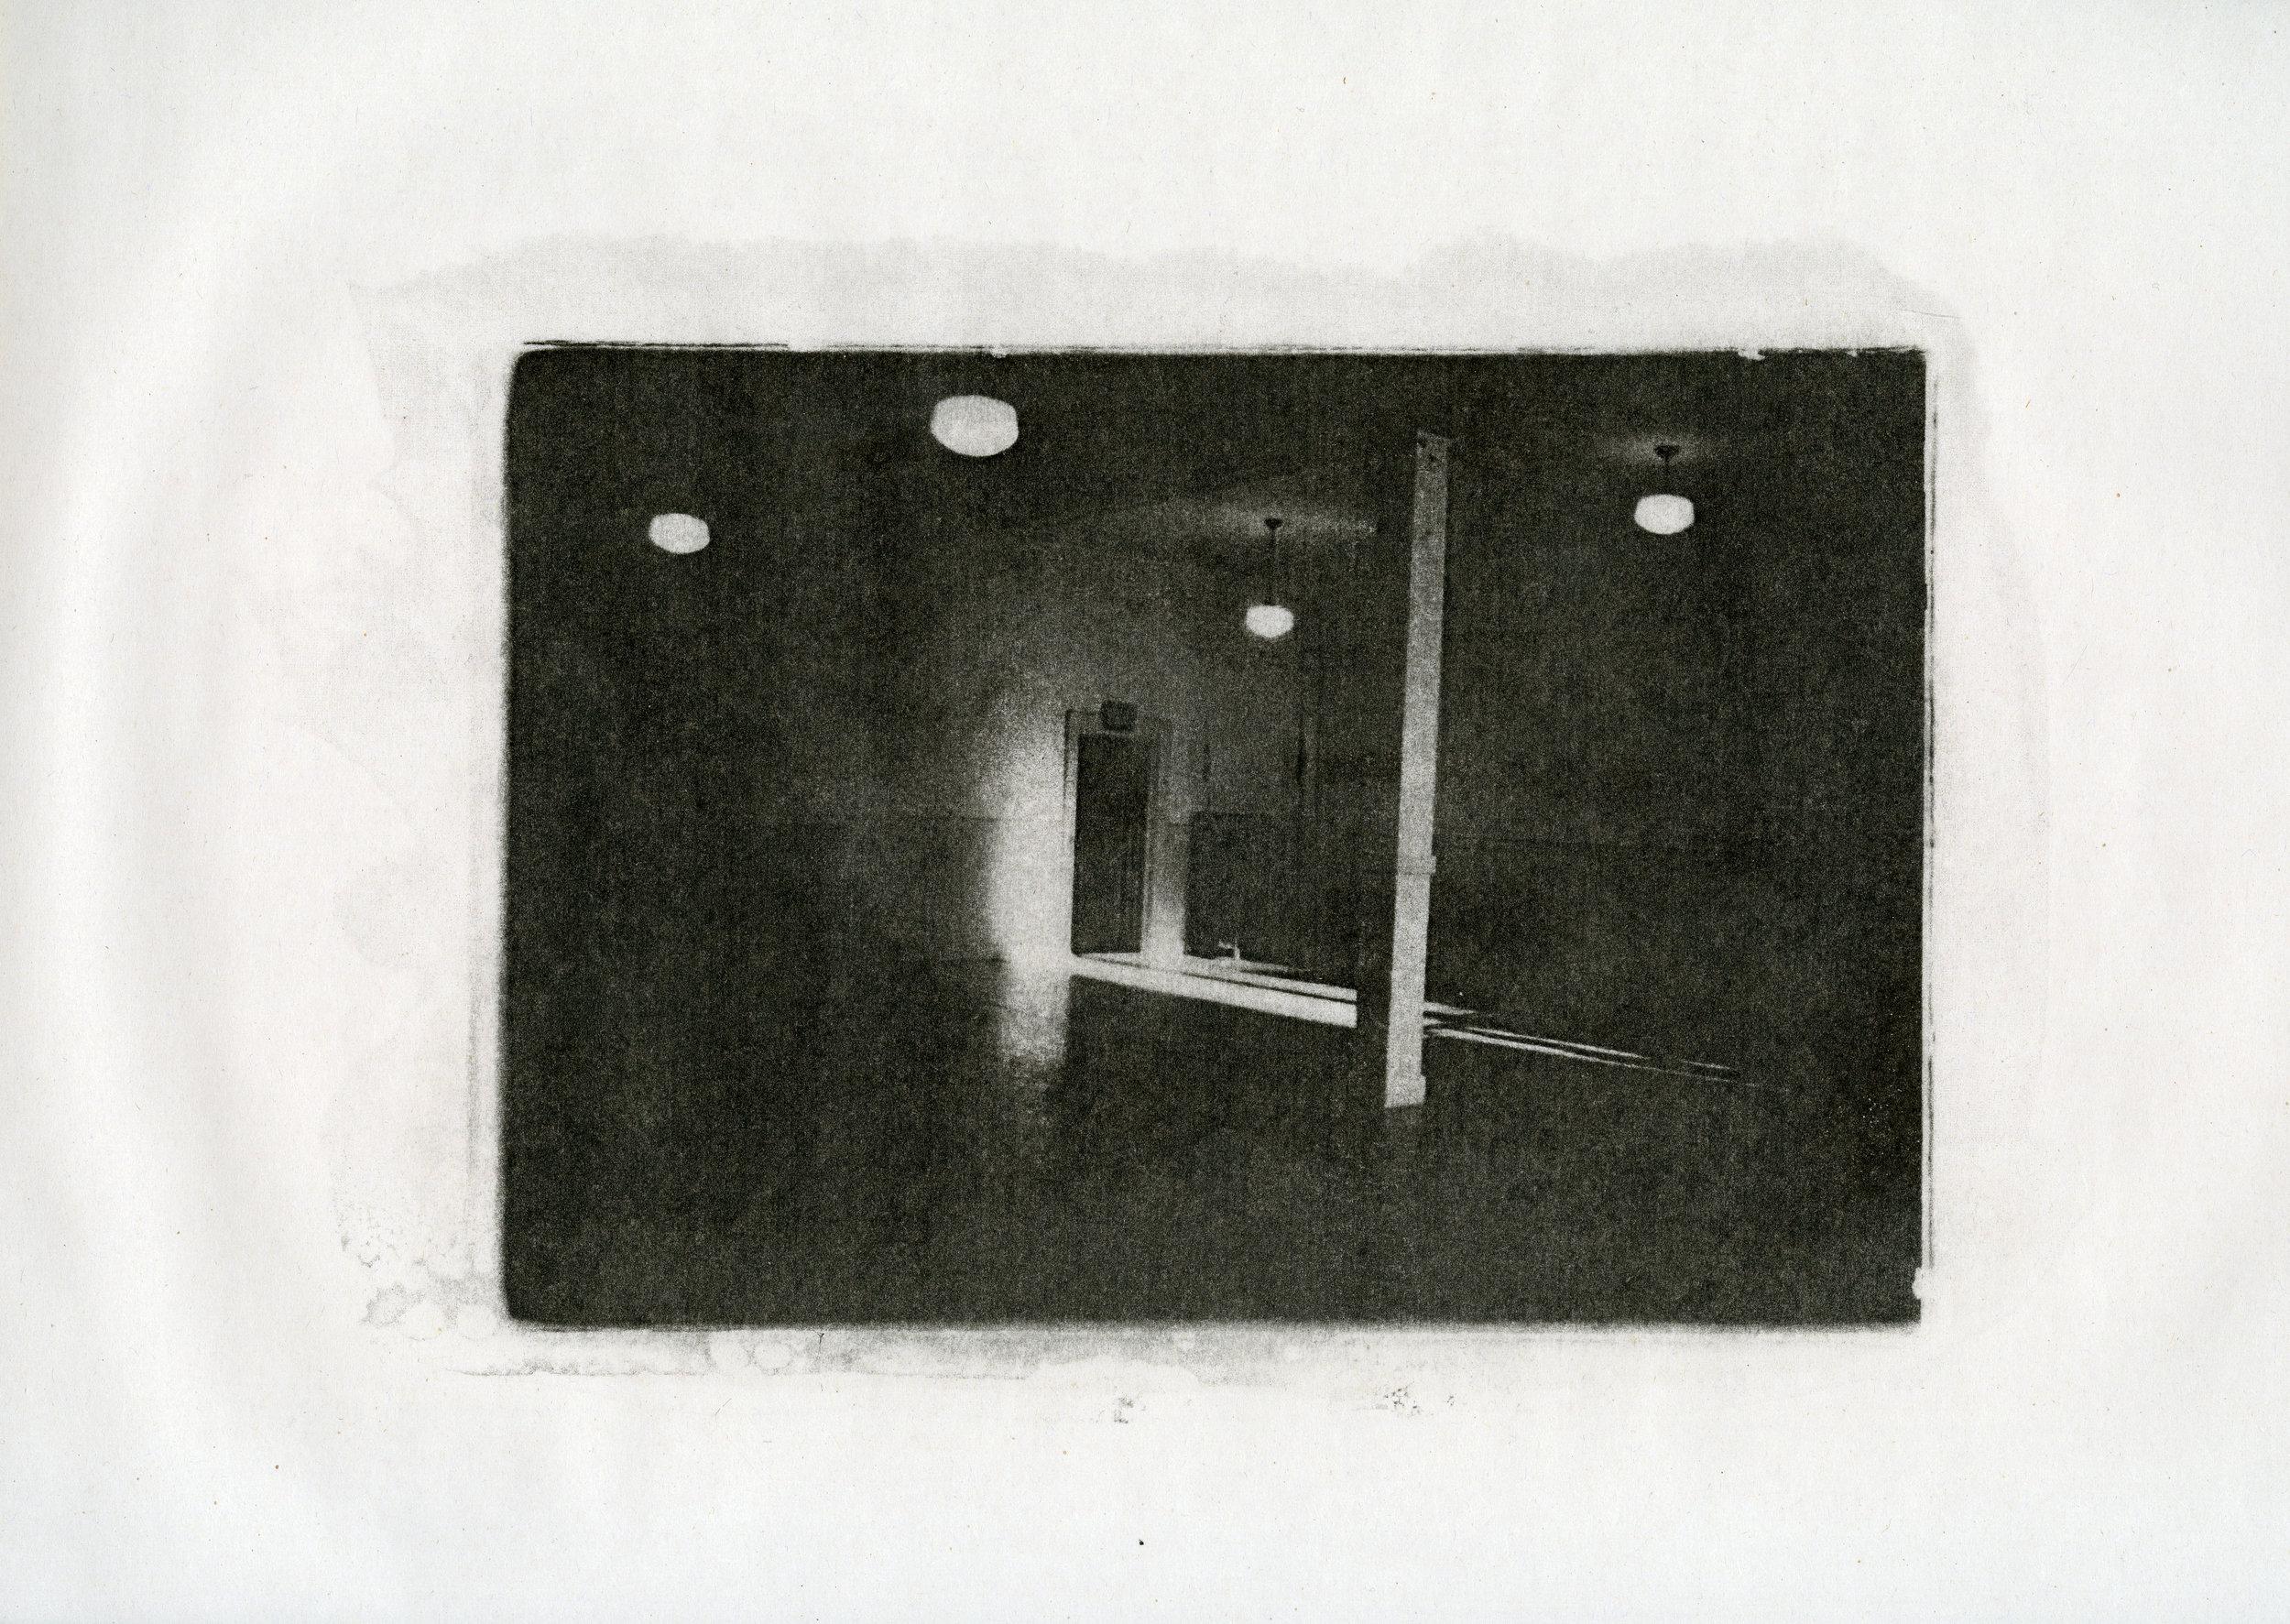 file011.jpg